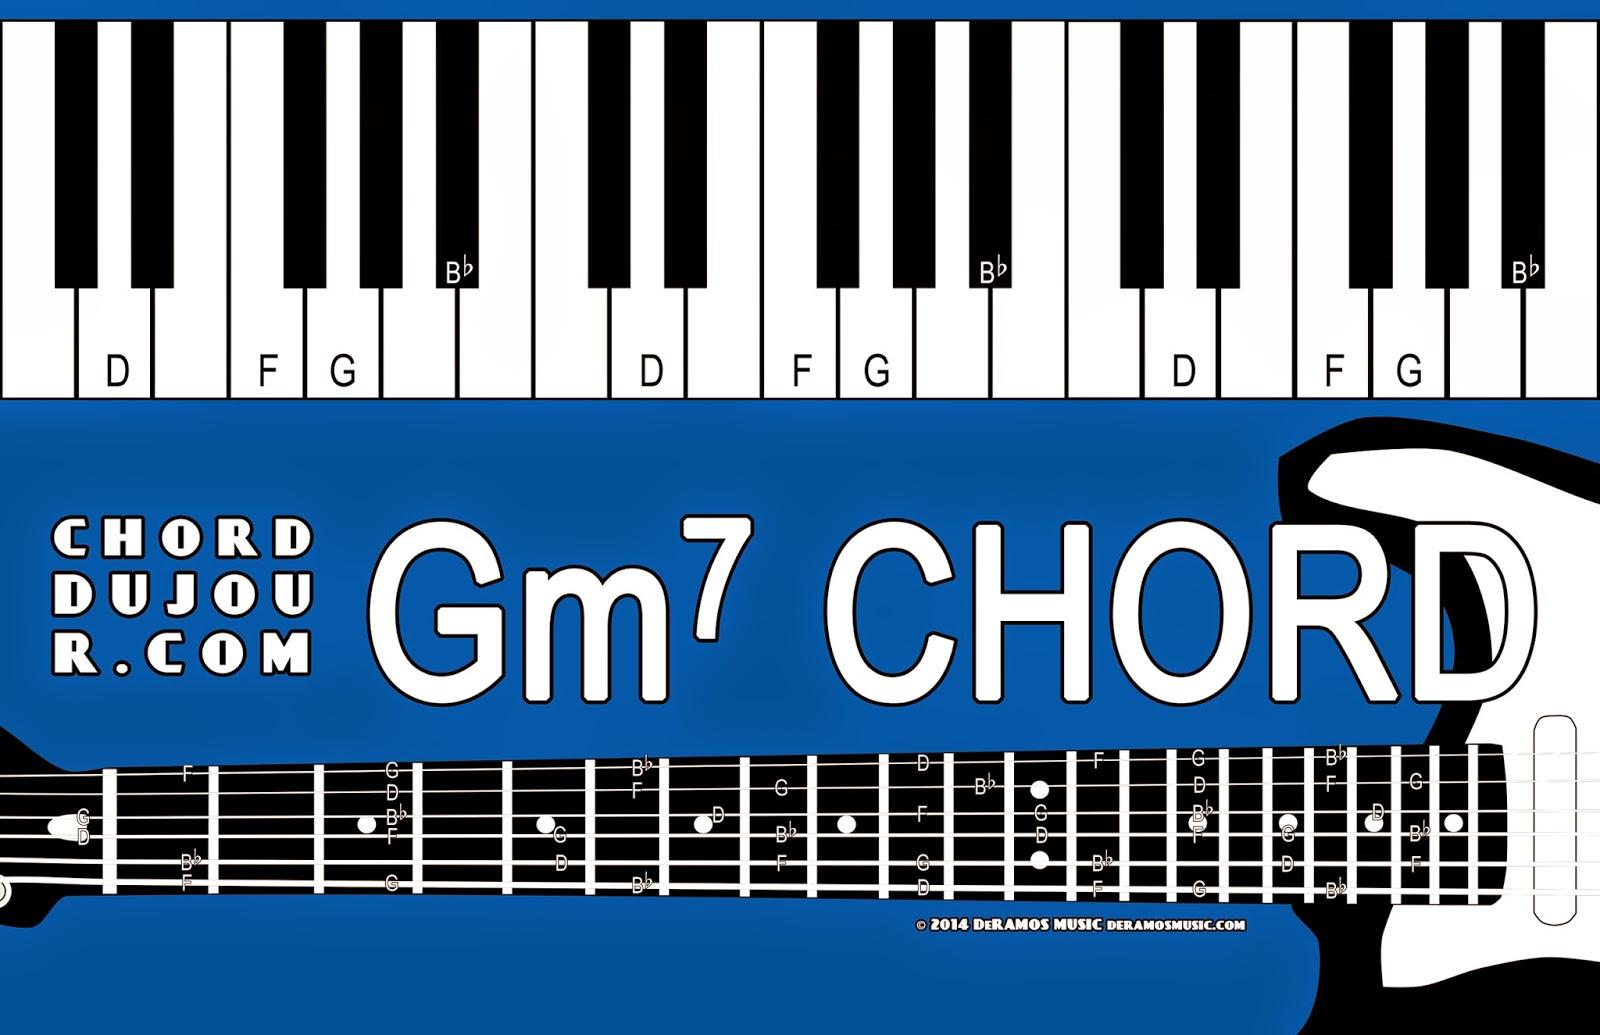 Chord Du Jour April 2014